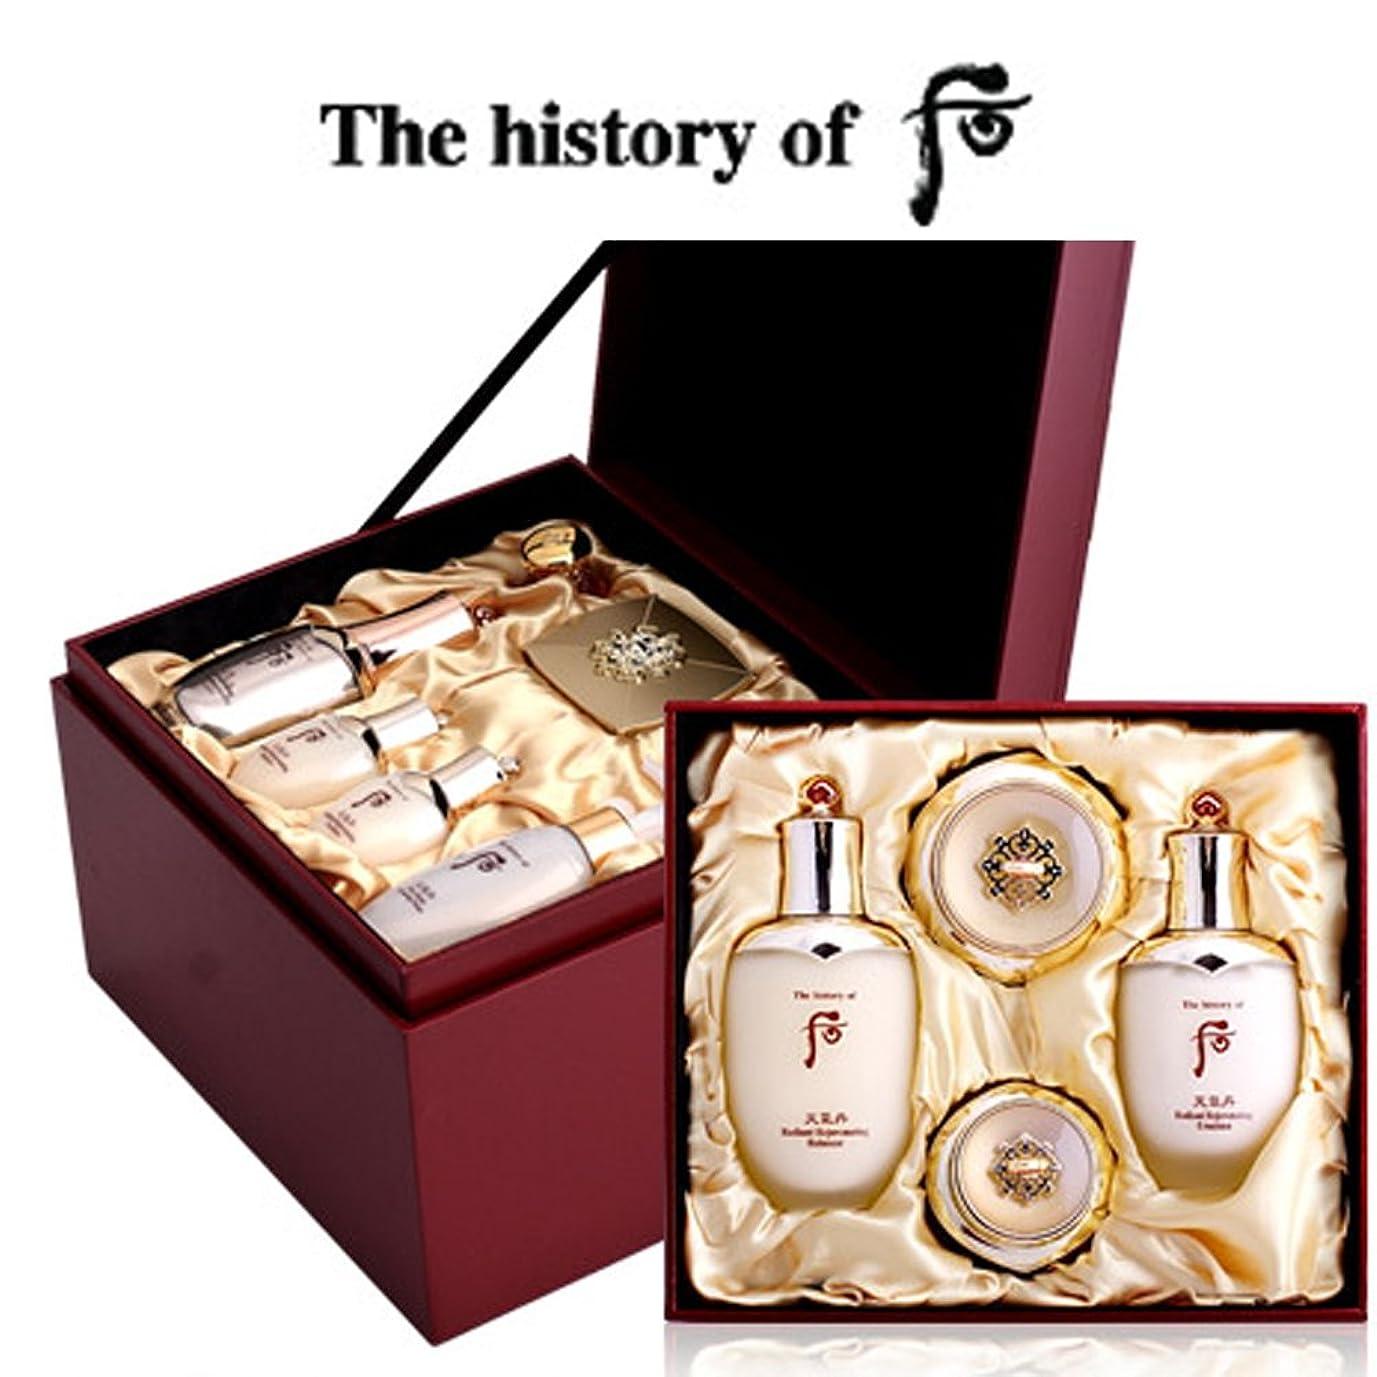 レビュー直面する市の中心部【フー/The history of whoo] 天気丹 王侯(チョンギダン ワンフ) セット/Chonghi Dan Queen Special Set+[Sample Gift](海外直送品)